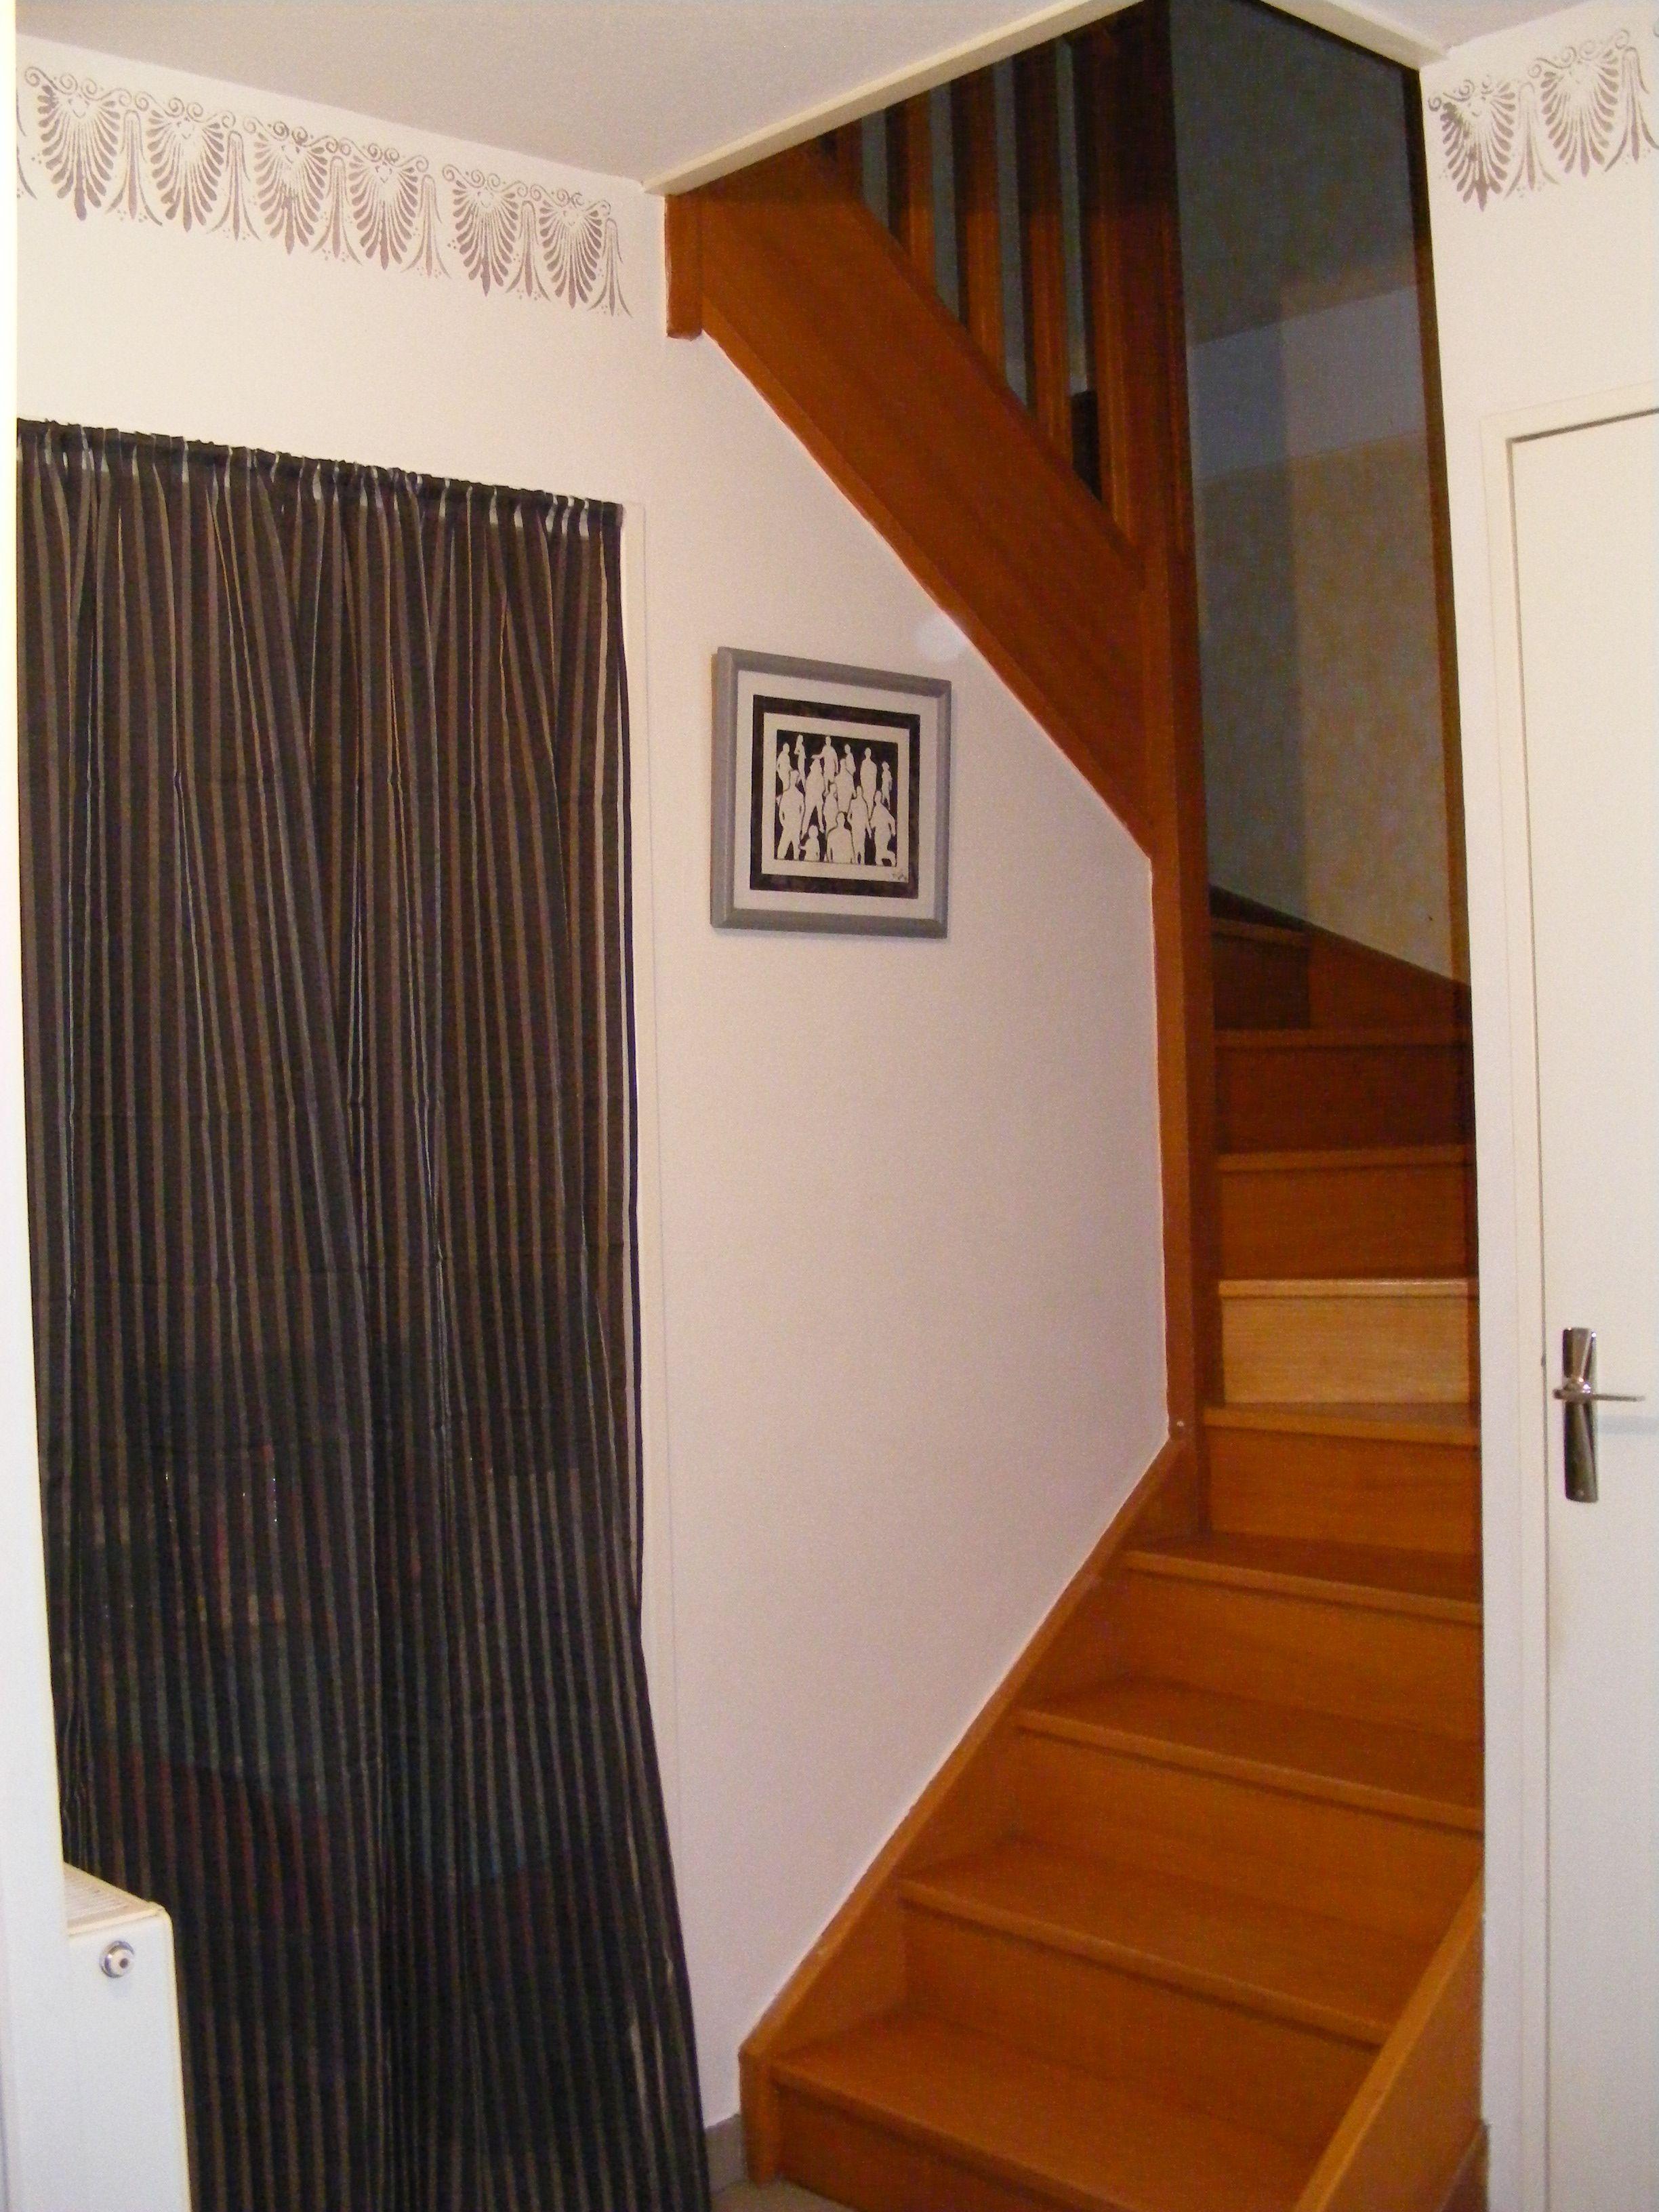 2 d coration d 39 un couloir for Decoration d un couloir